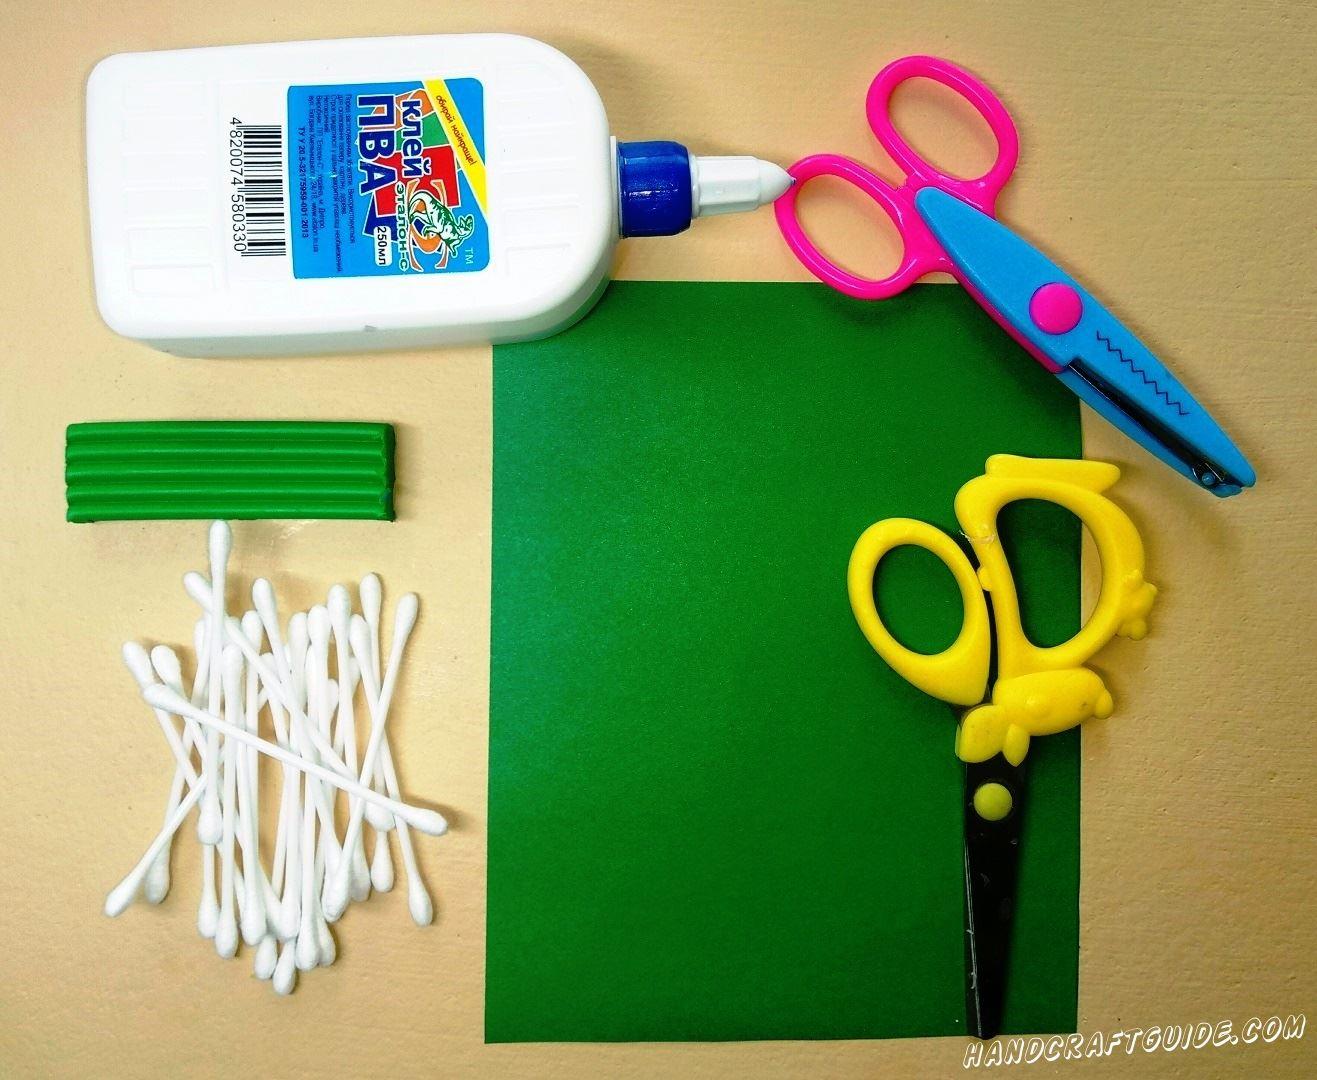 Берем лист зелёной бумаги и разрезаем его чуть выше середины, а также разрезаем ватные палочки пополам